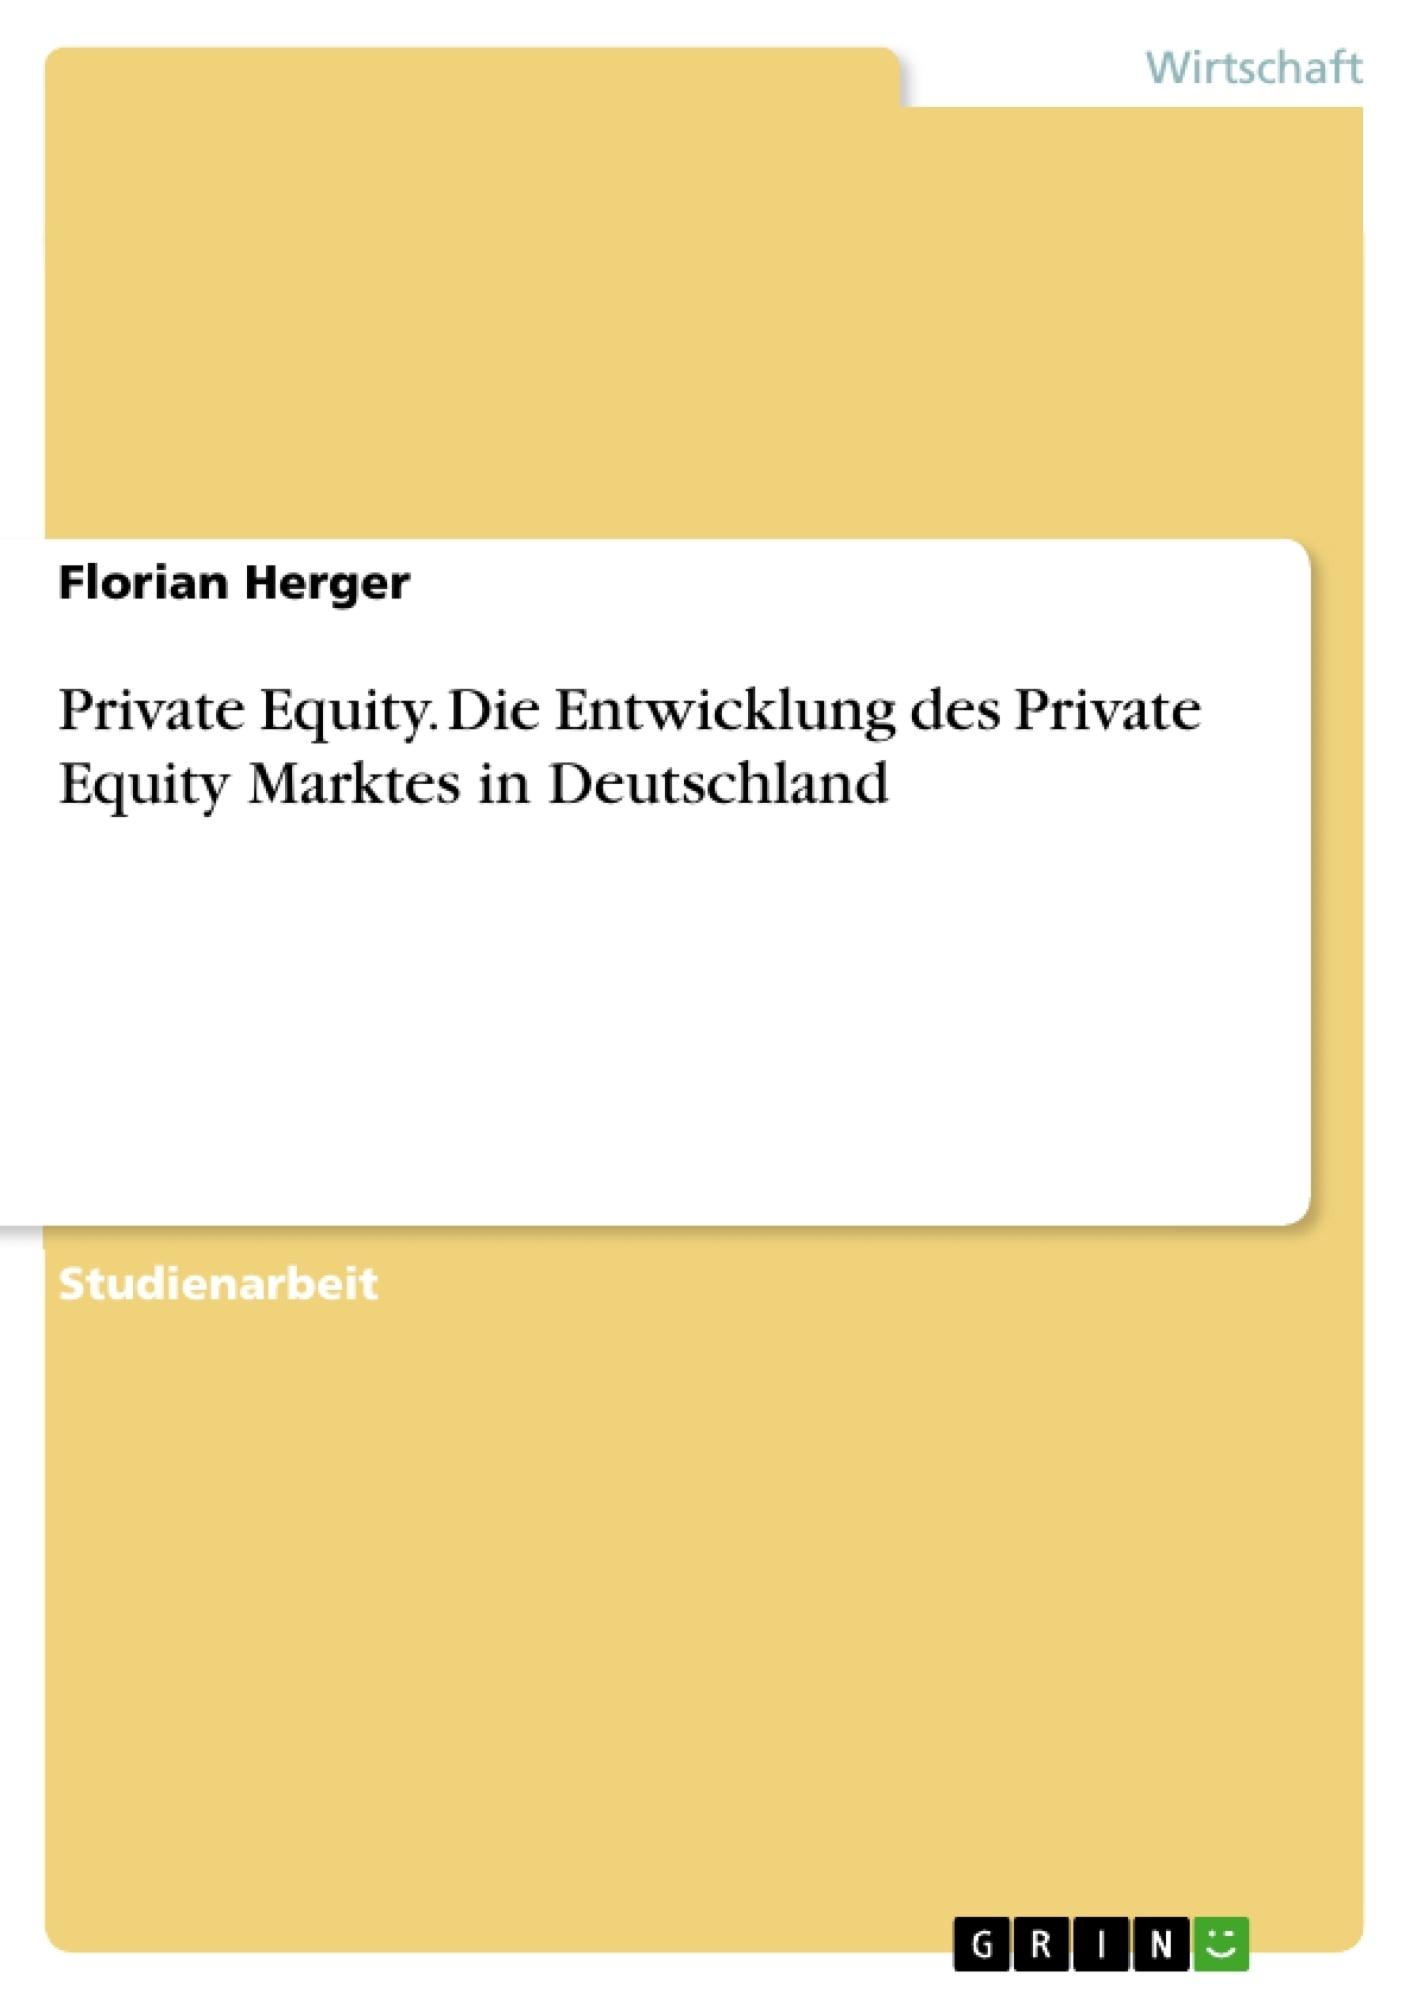 Titel: Private Equity. Die Entwicklung des Private Equity Marktes in Deutschland